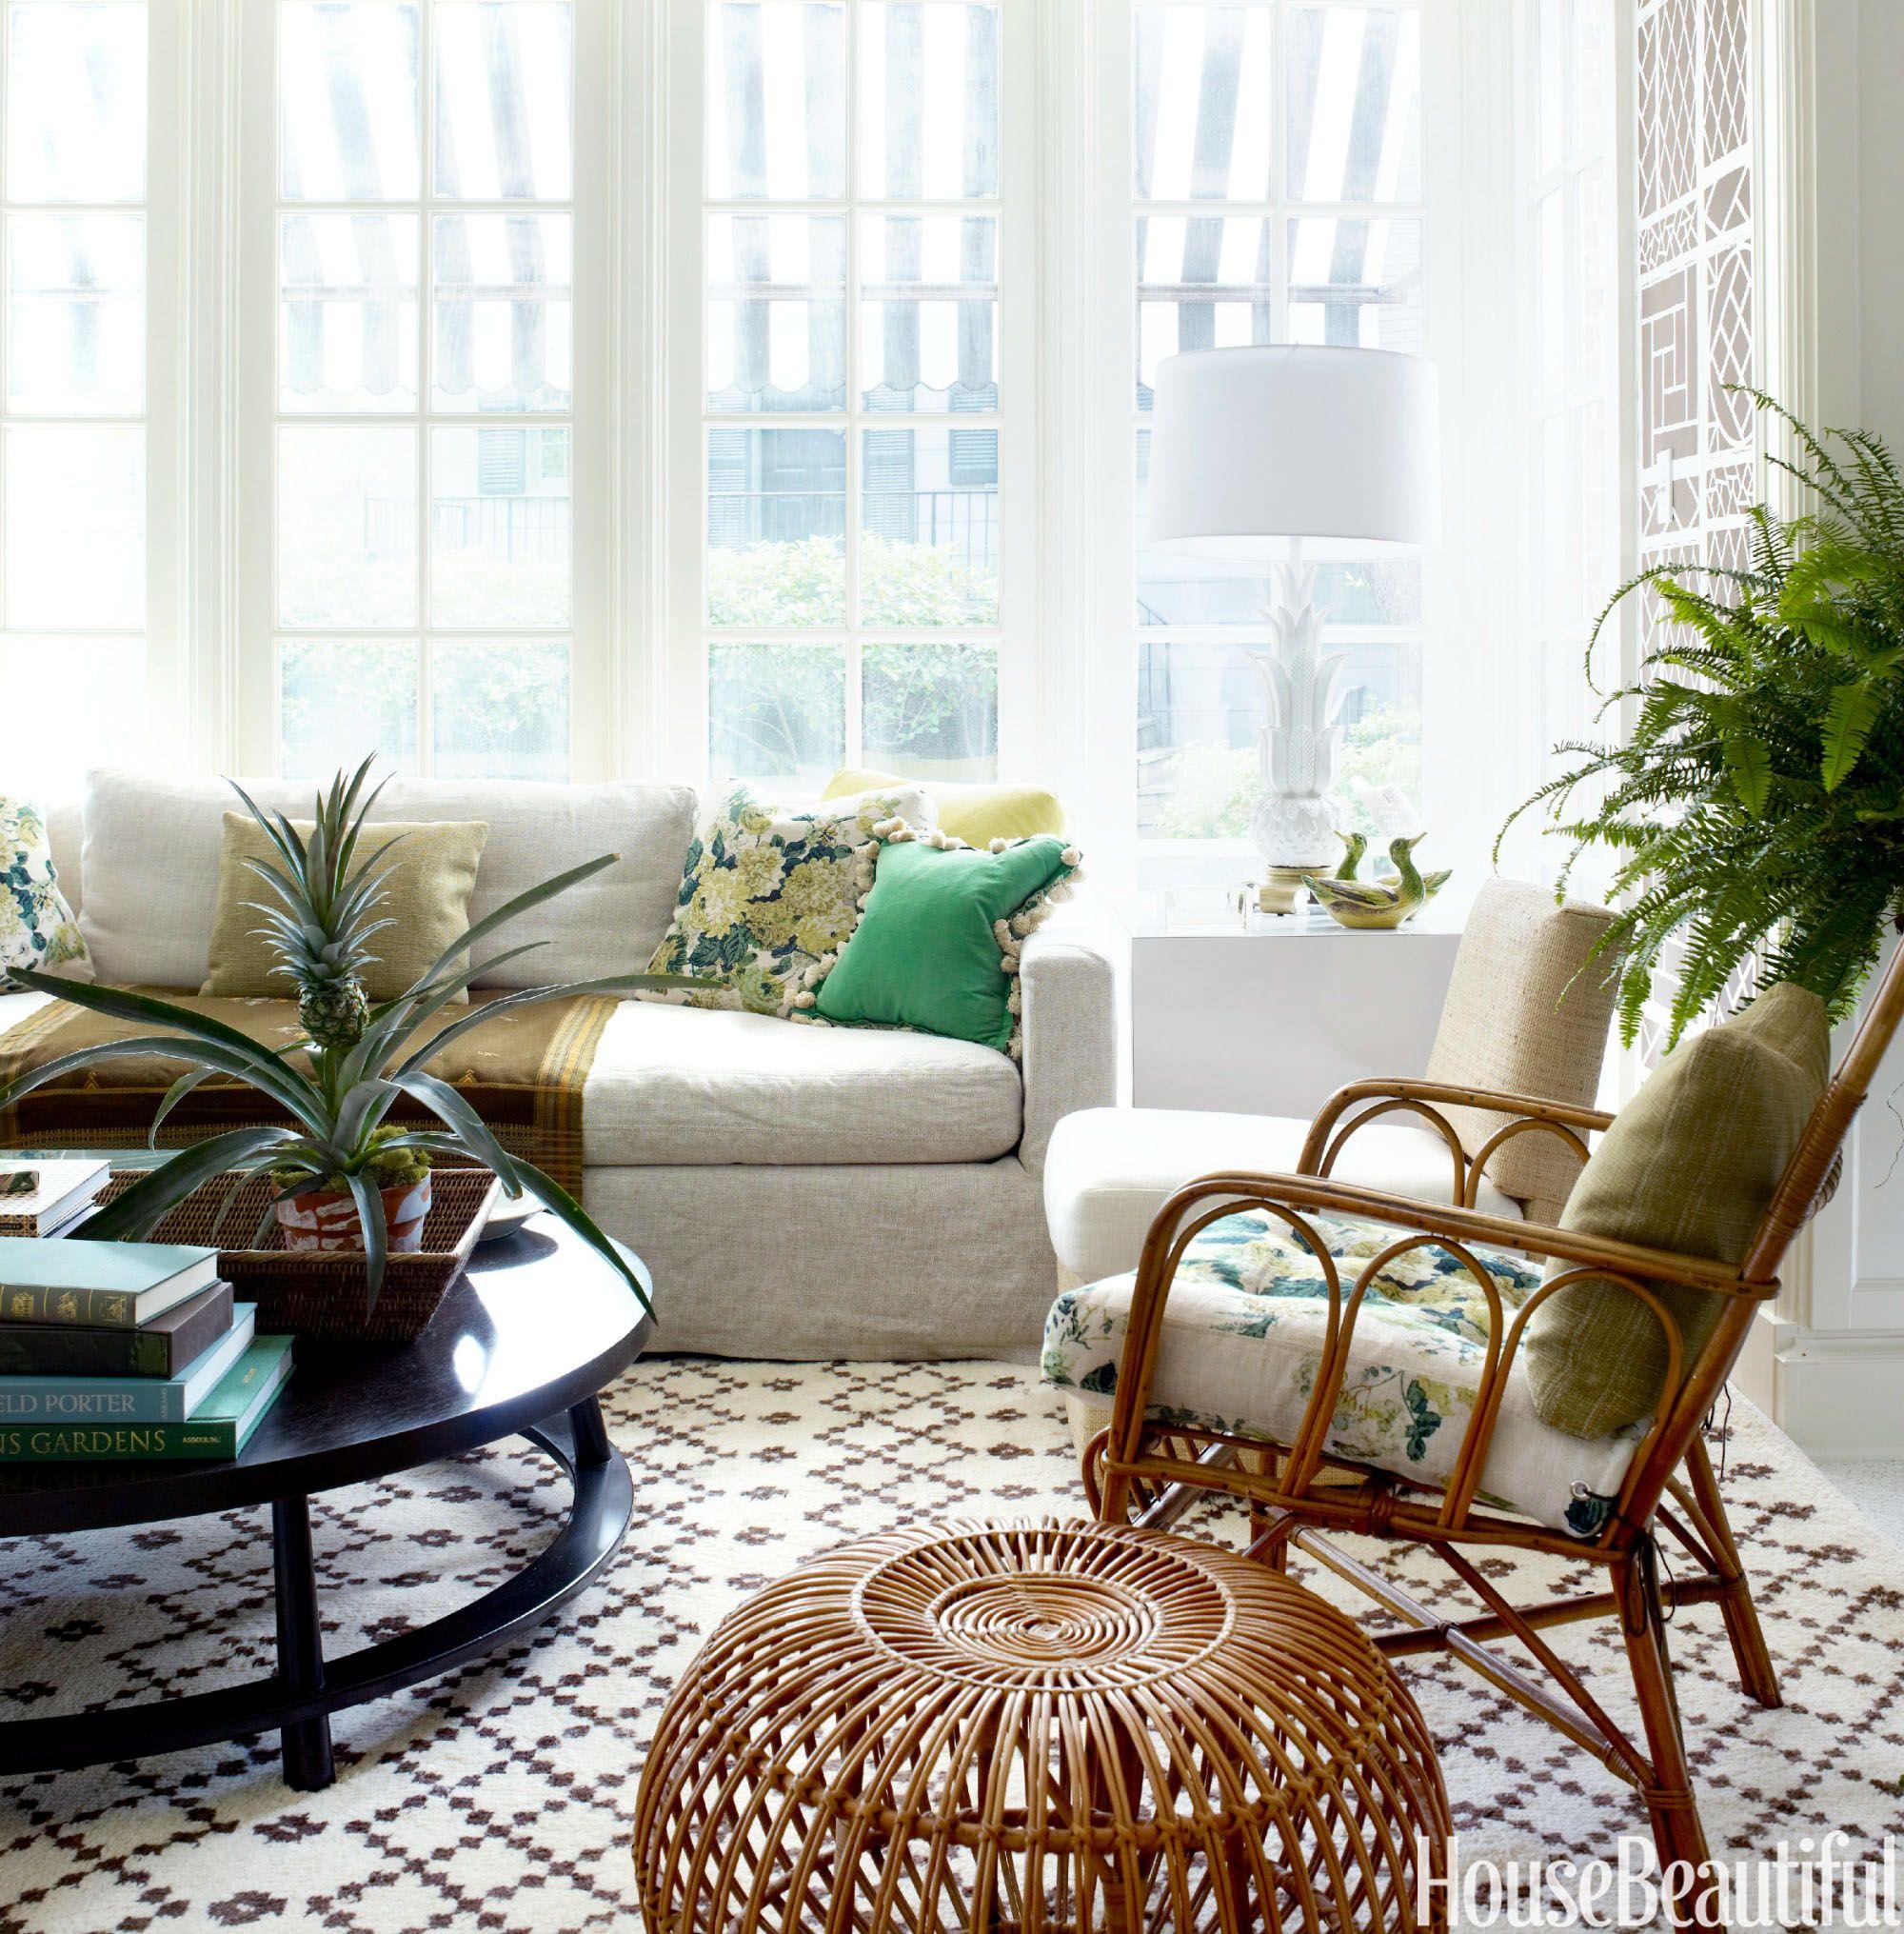 12 Pretty Sunroom Ideas - Chic Designs & Decor for Screened In Porches